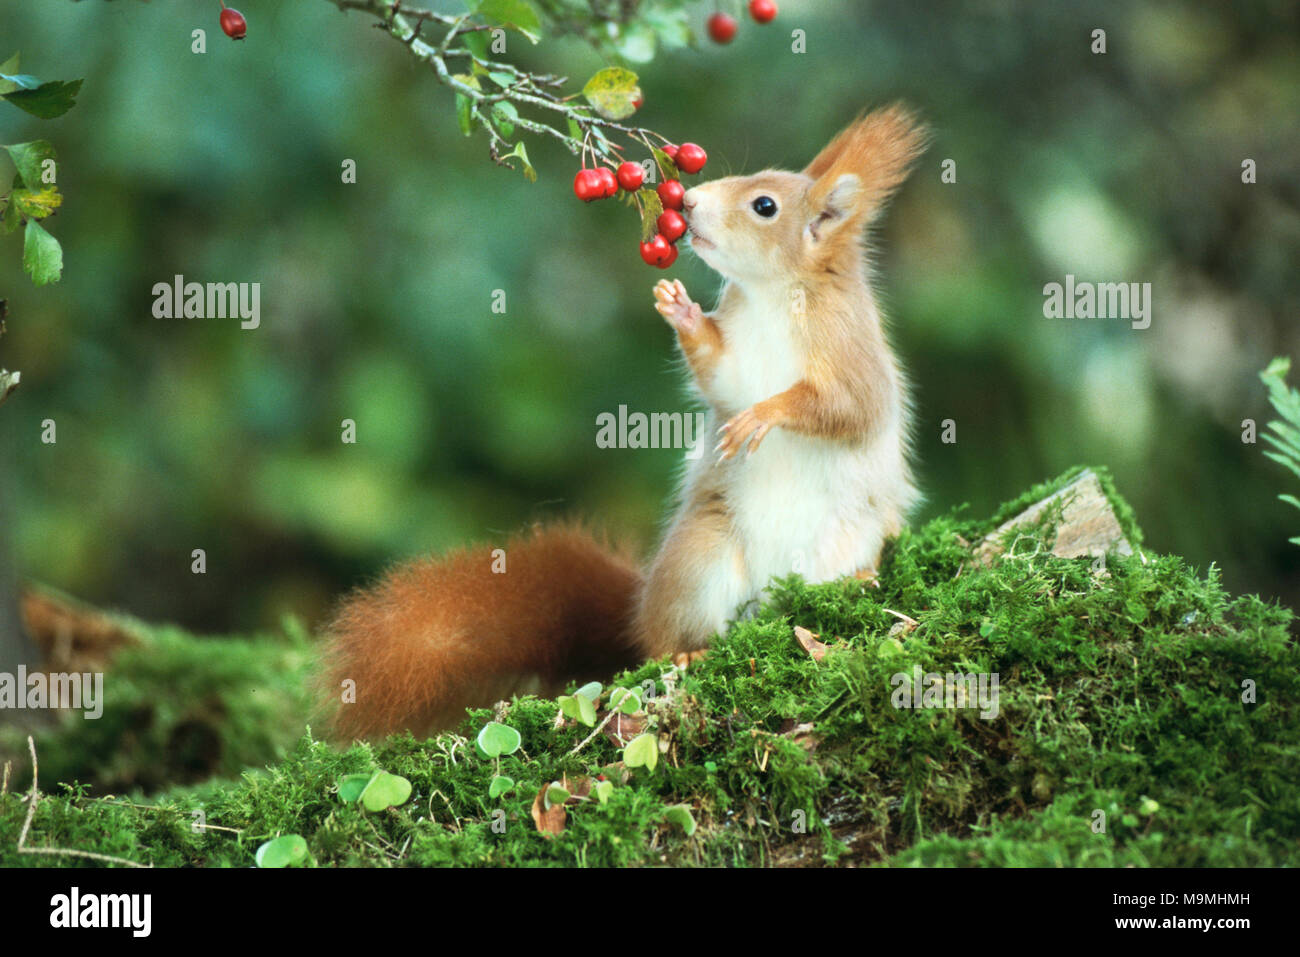 Unión ardilla roja (Sciurus vulgaris) comer bayas de espino. Alemania Imagen De Stock